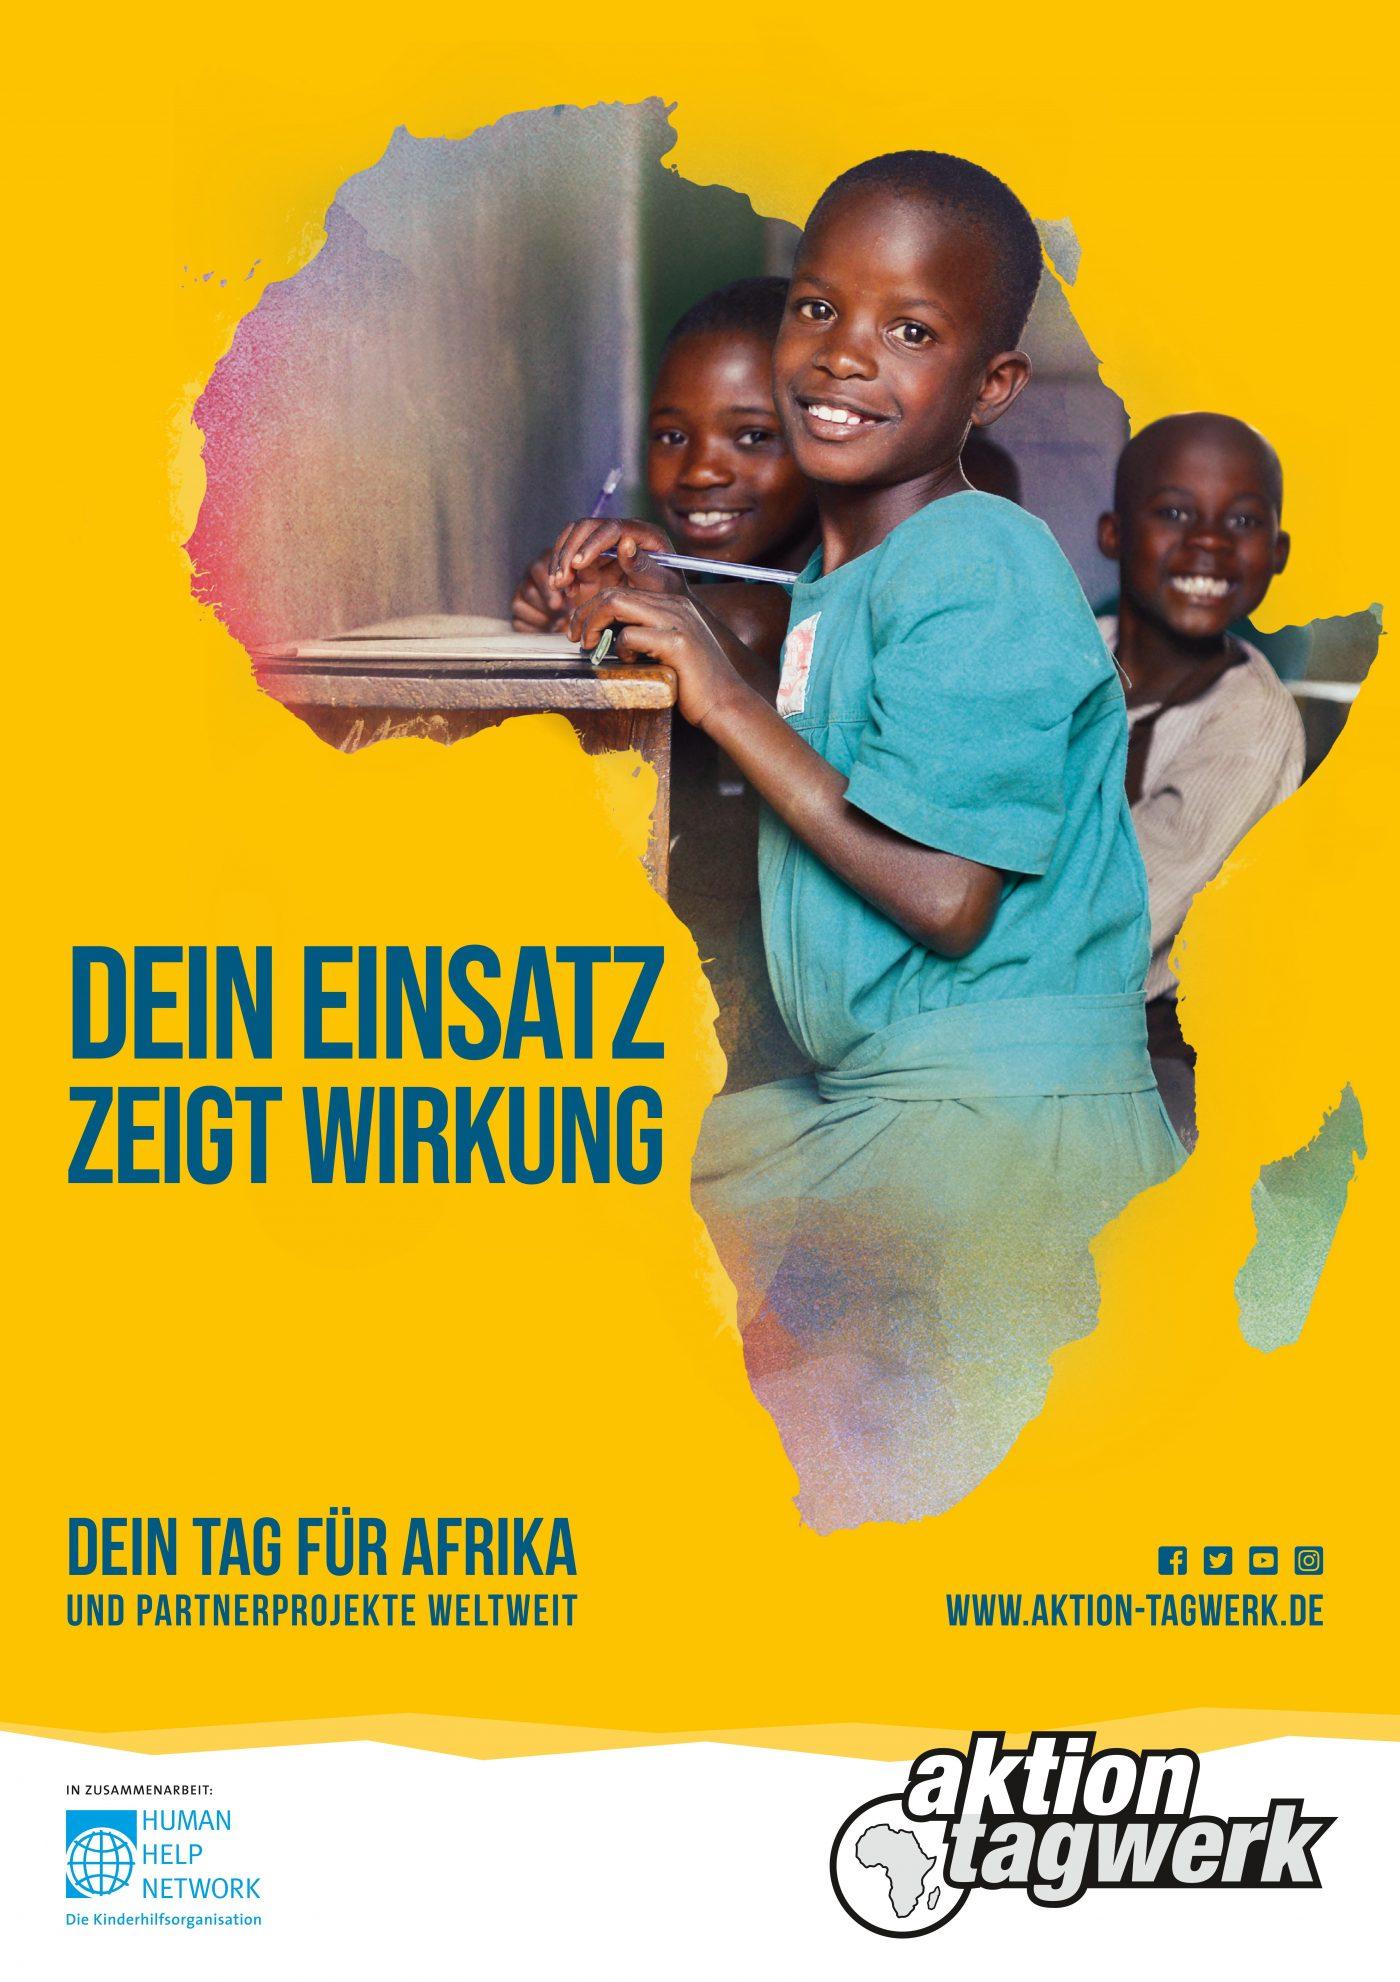 Aktion Tagwerk und Studientag des Kollegiums am 22.6.21